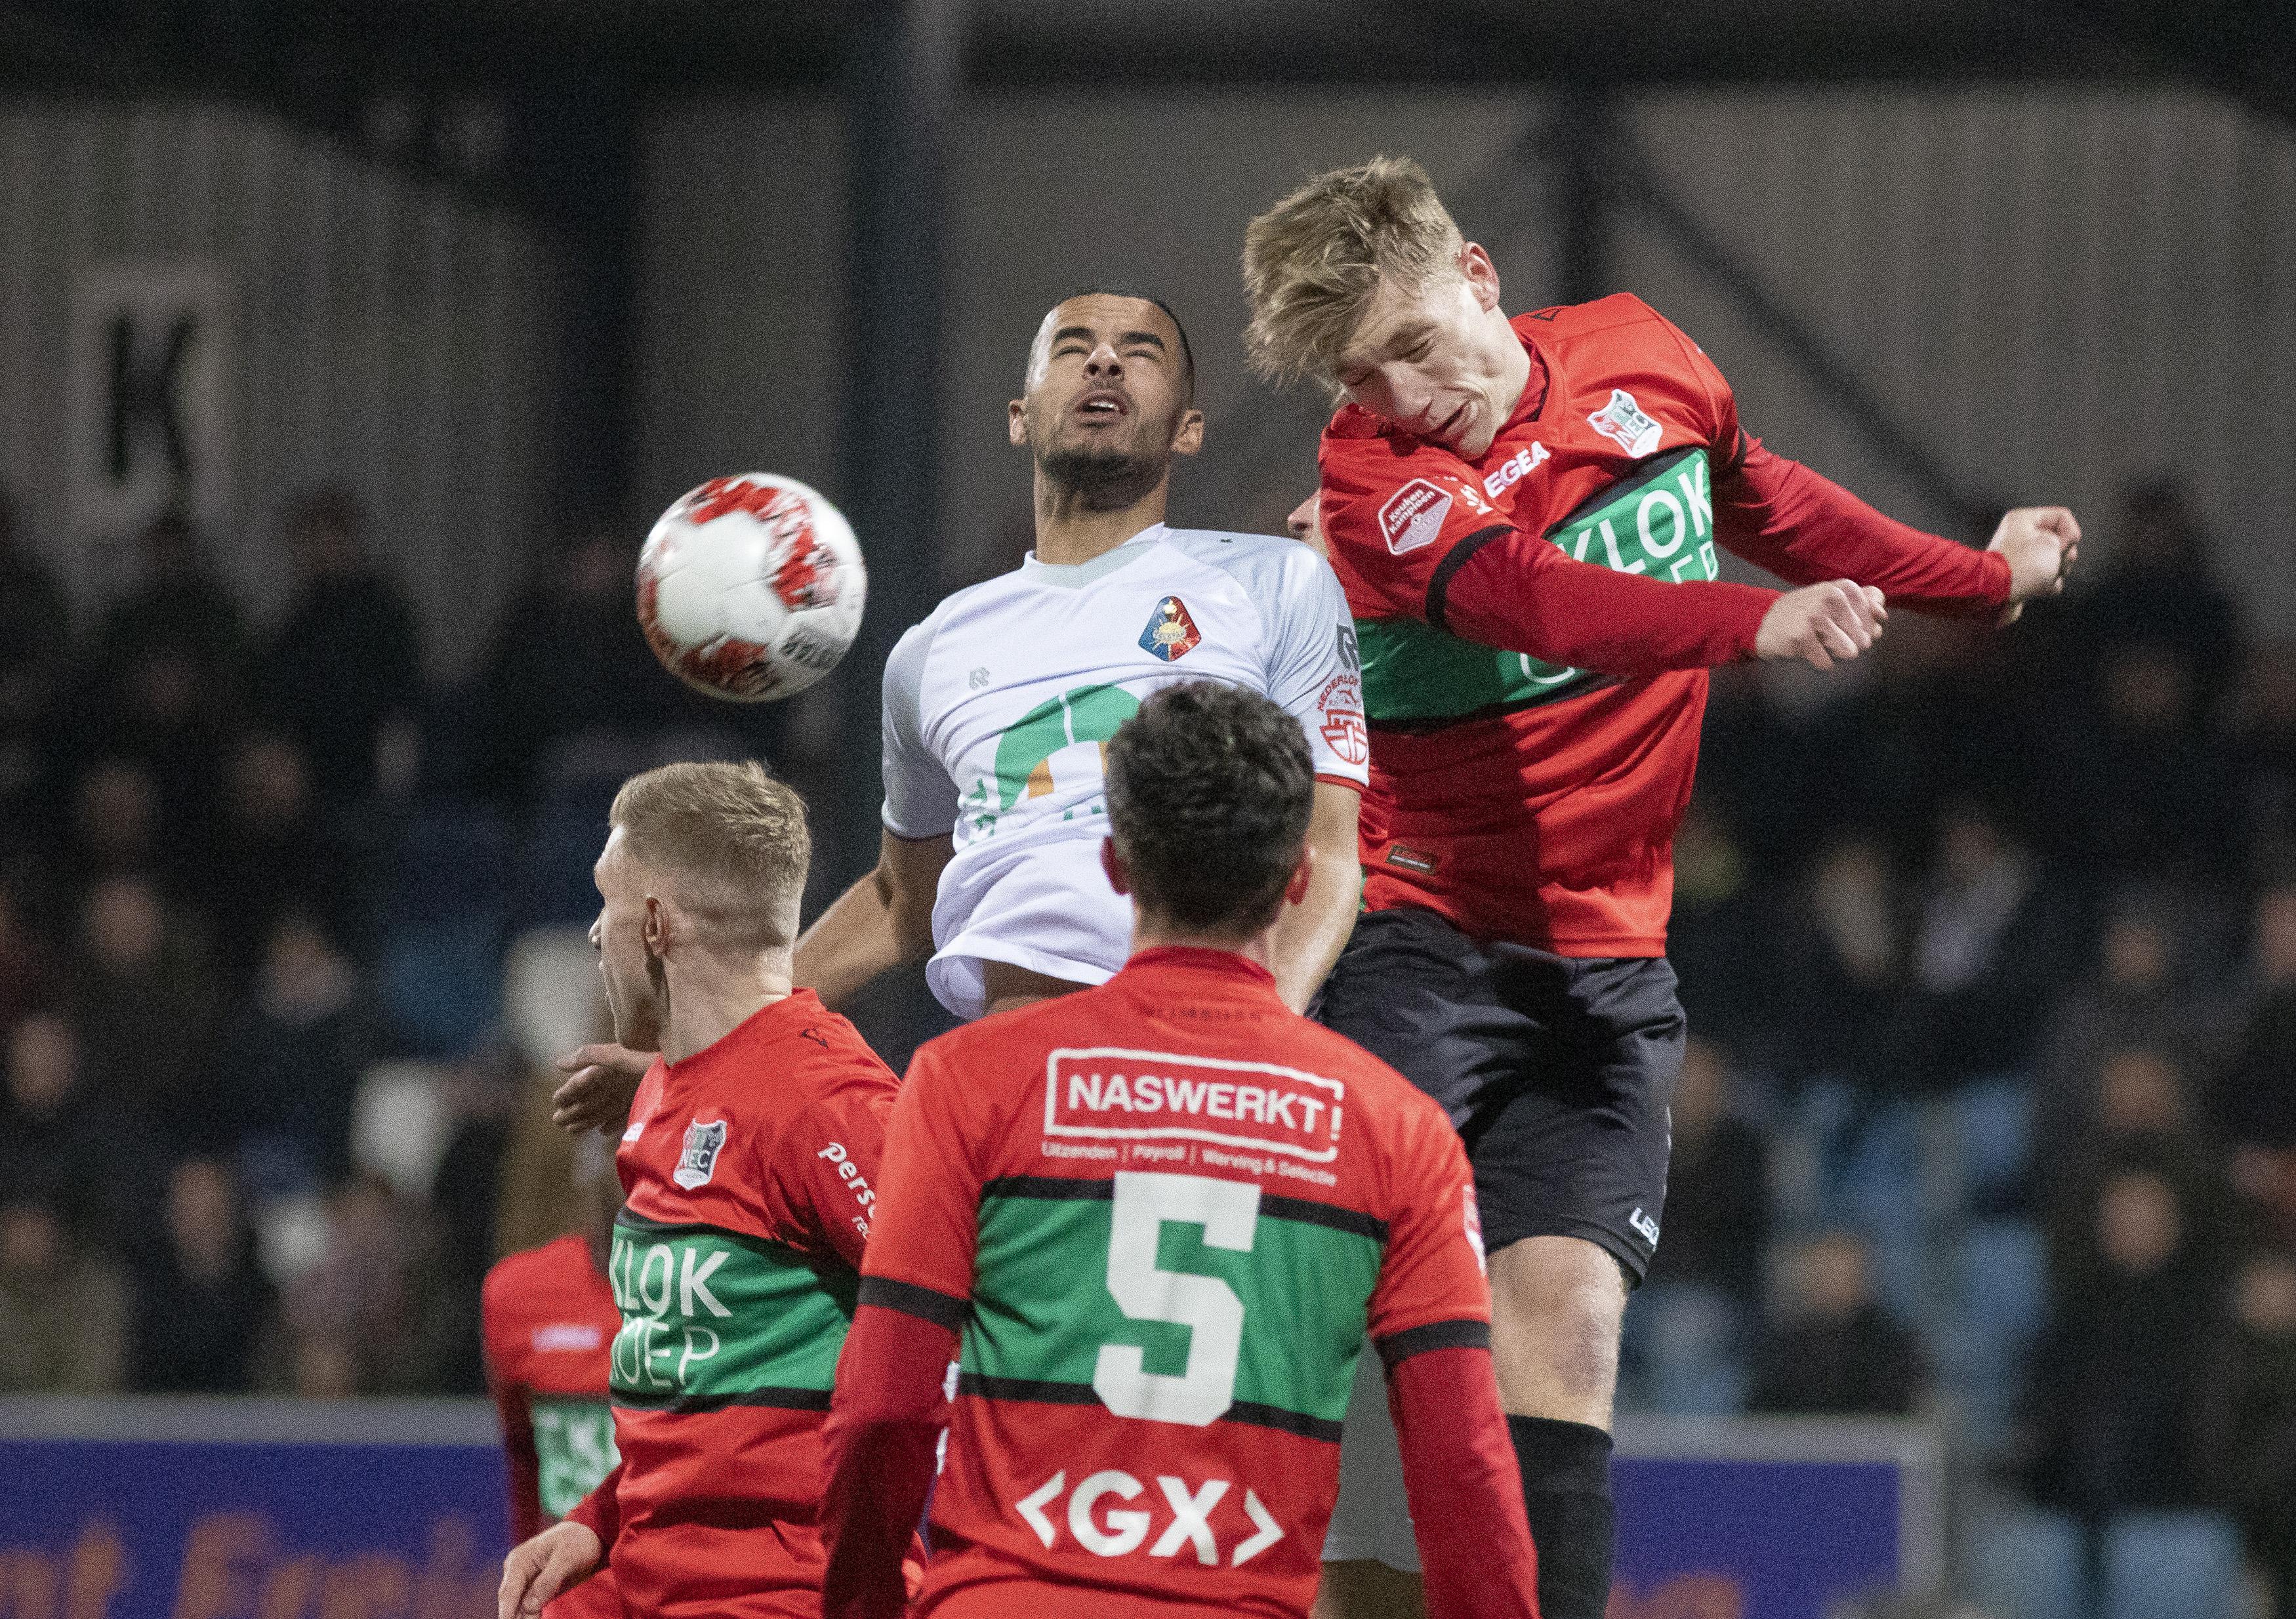 Andries Jonker gaat zijn ploeg na 1-7 vernedering geen straftraining geven: 'Ze hebben zich de tandjes gewerkt'